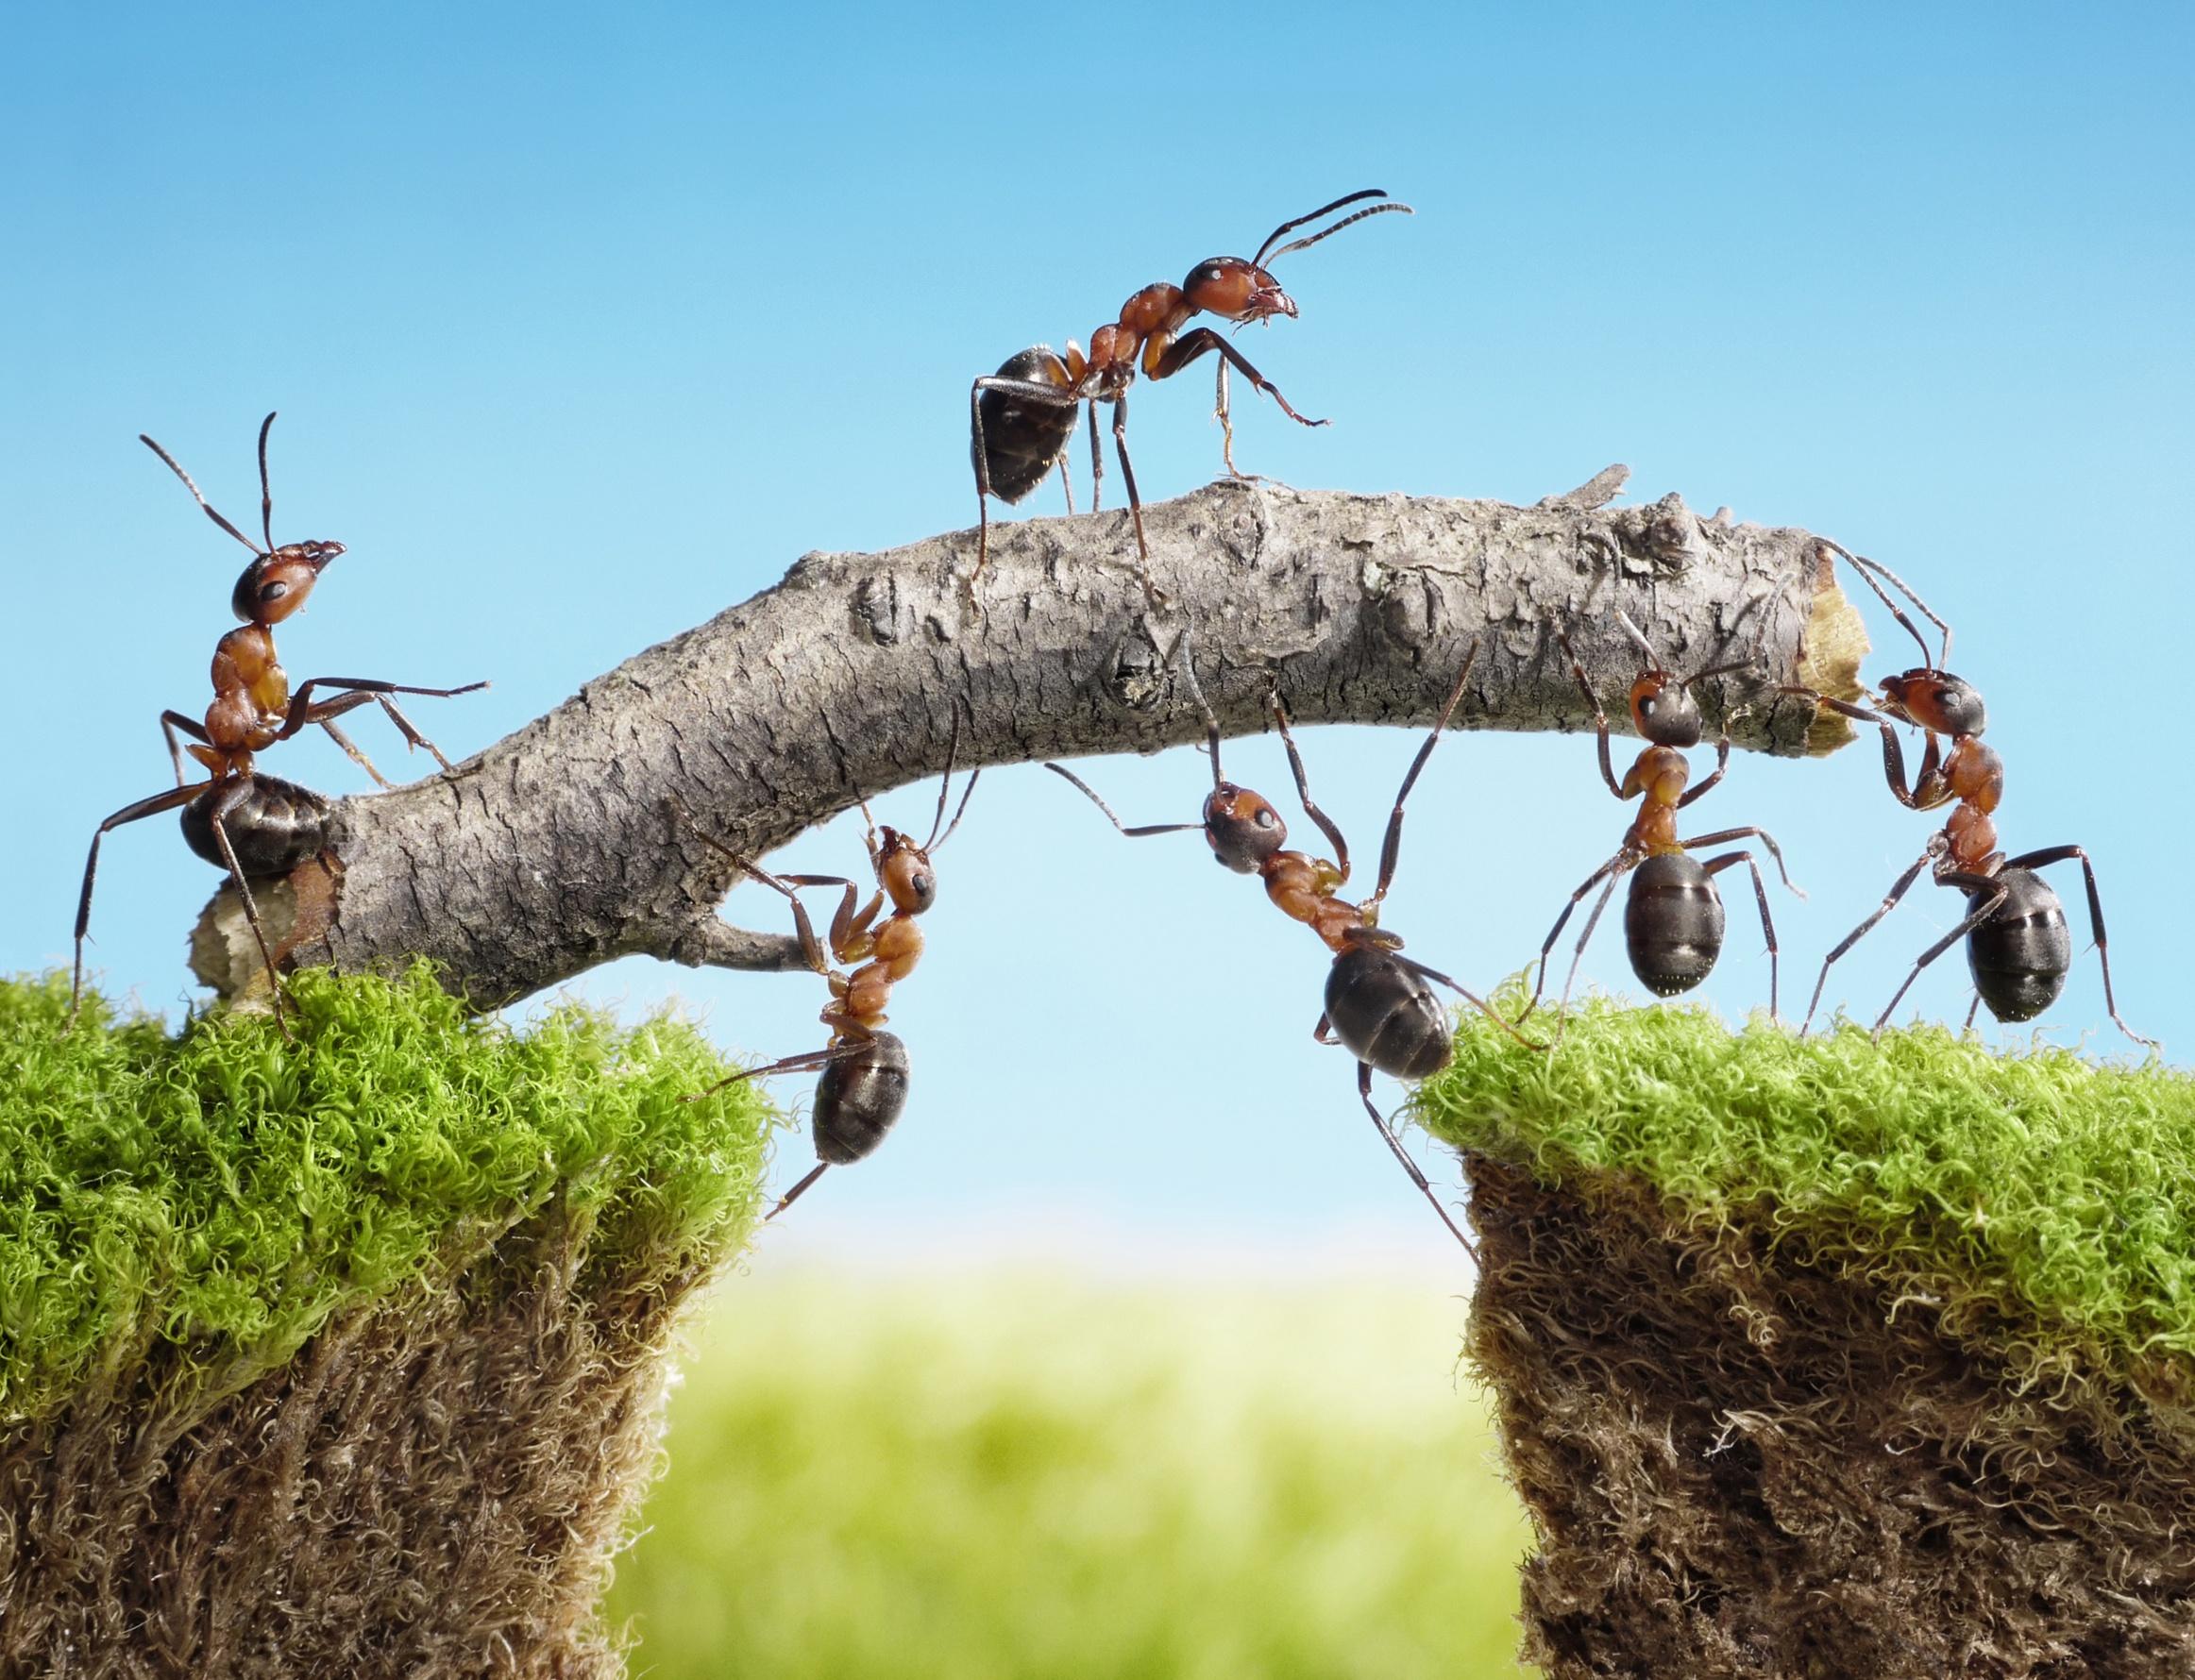 团队合作 – 团队成员的素质